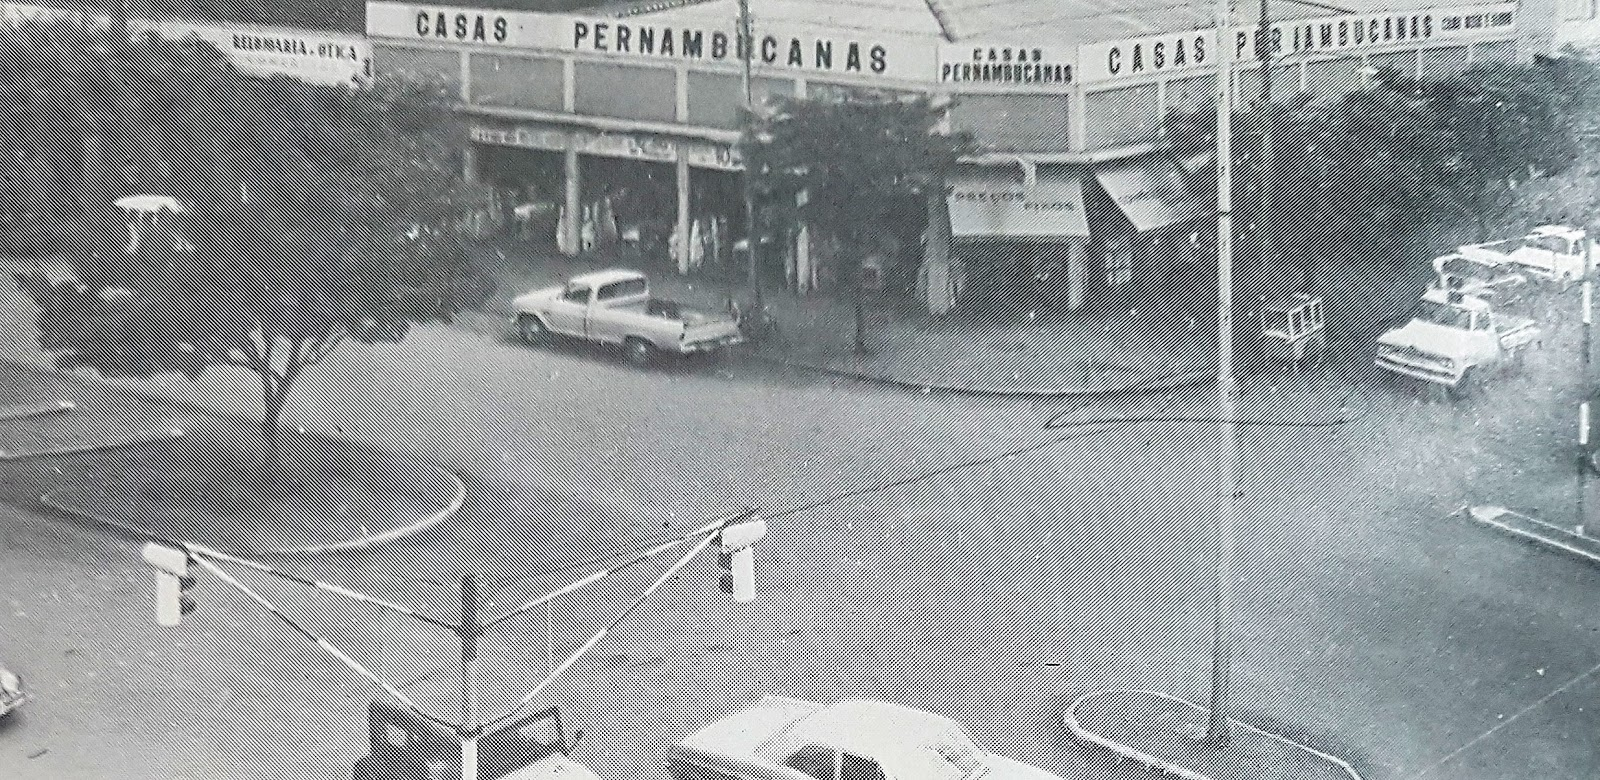 Avenida Duque de Caxias x Avenida Brasil - Década de 1980